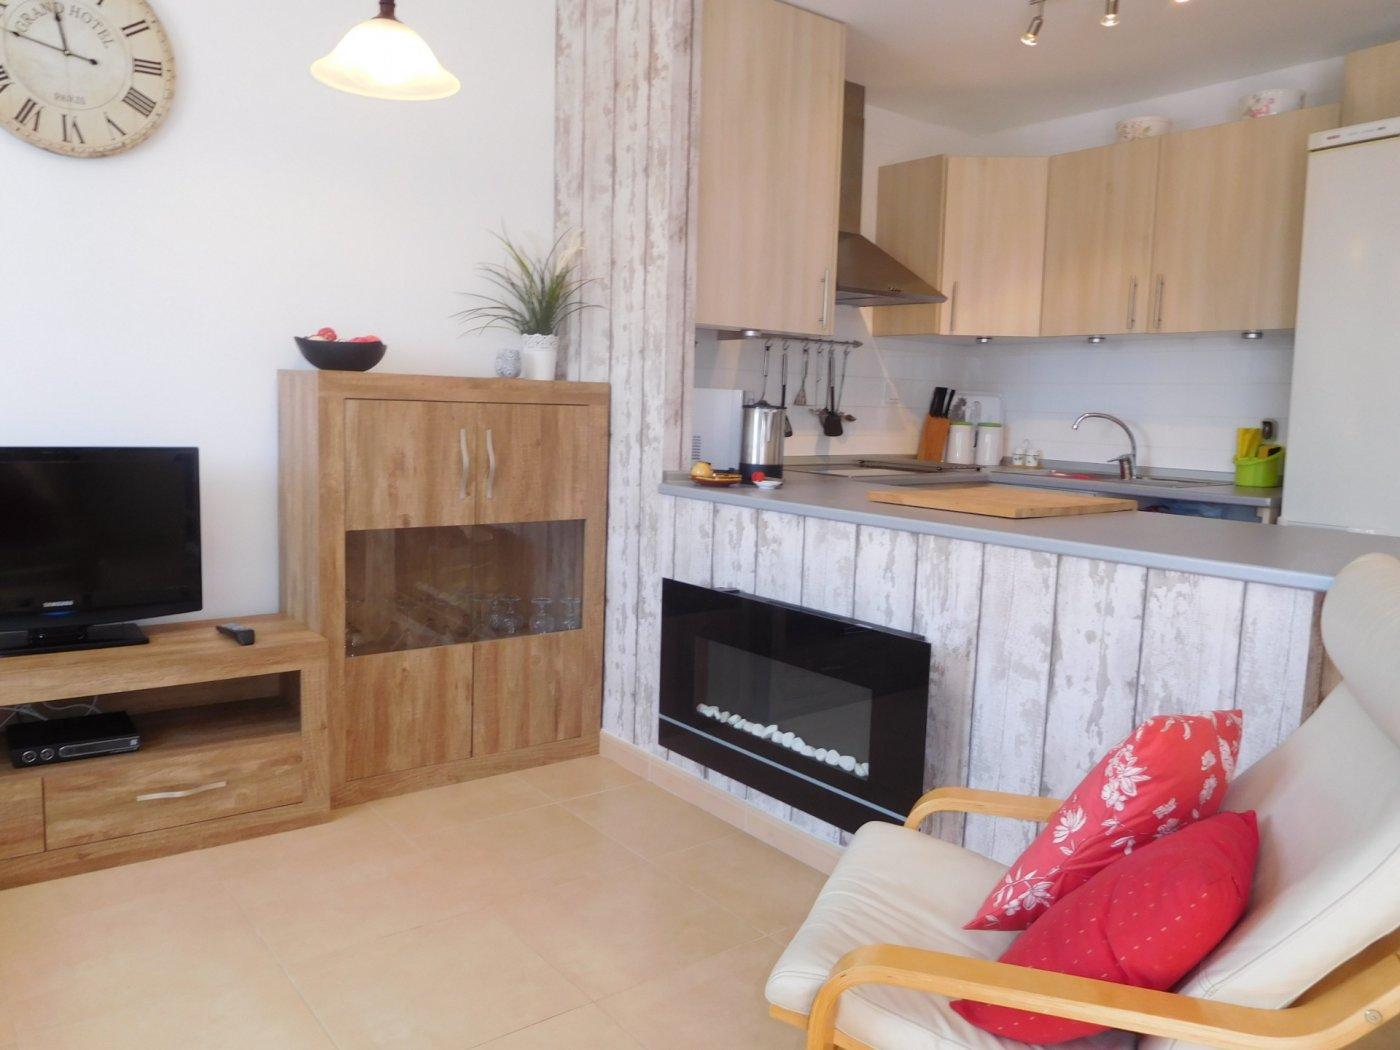 Image 1 Apartment ref 3340 for rent in Condado De Alhama Spain - Quality Homes Costa Cálida